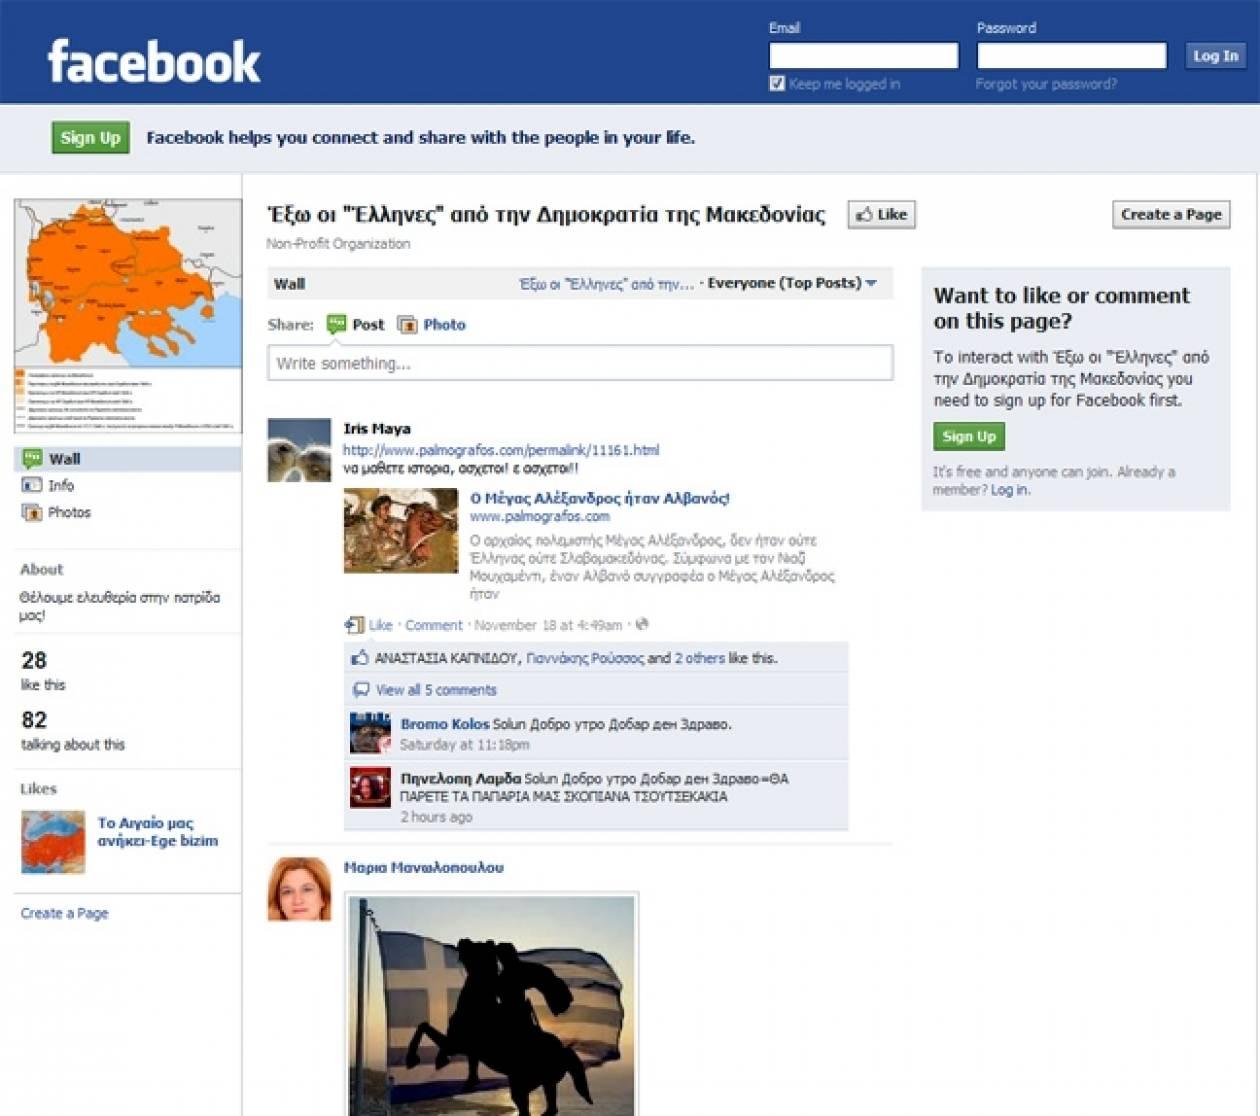 Στήνουν μηχανισμό προπαγάνδας οι Σκοπιανοί και στο Facebook!